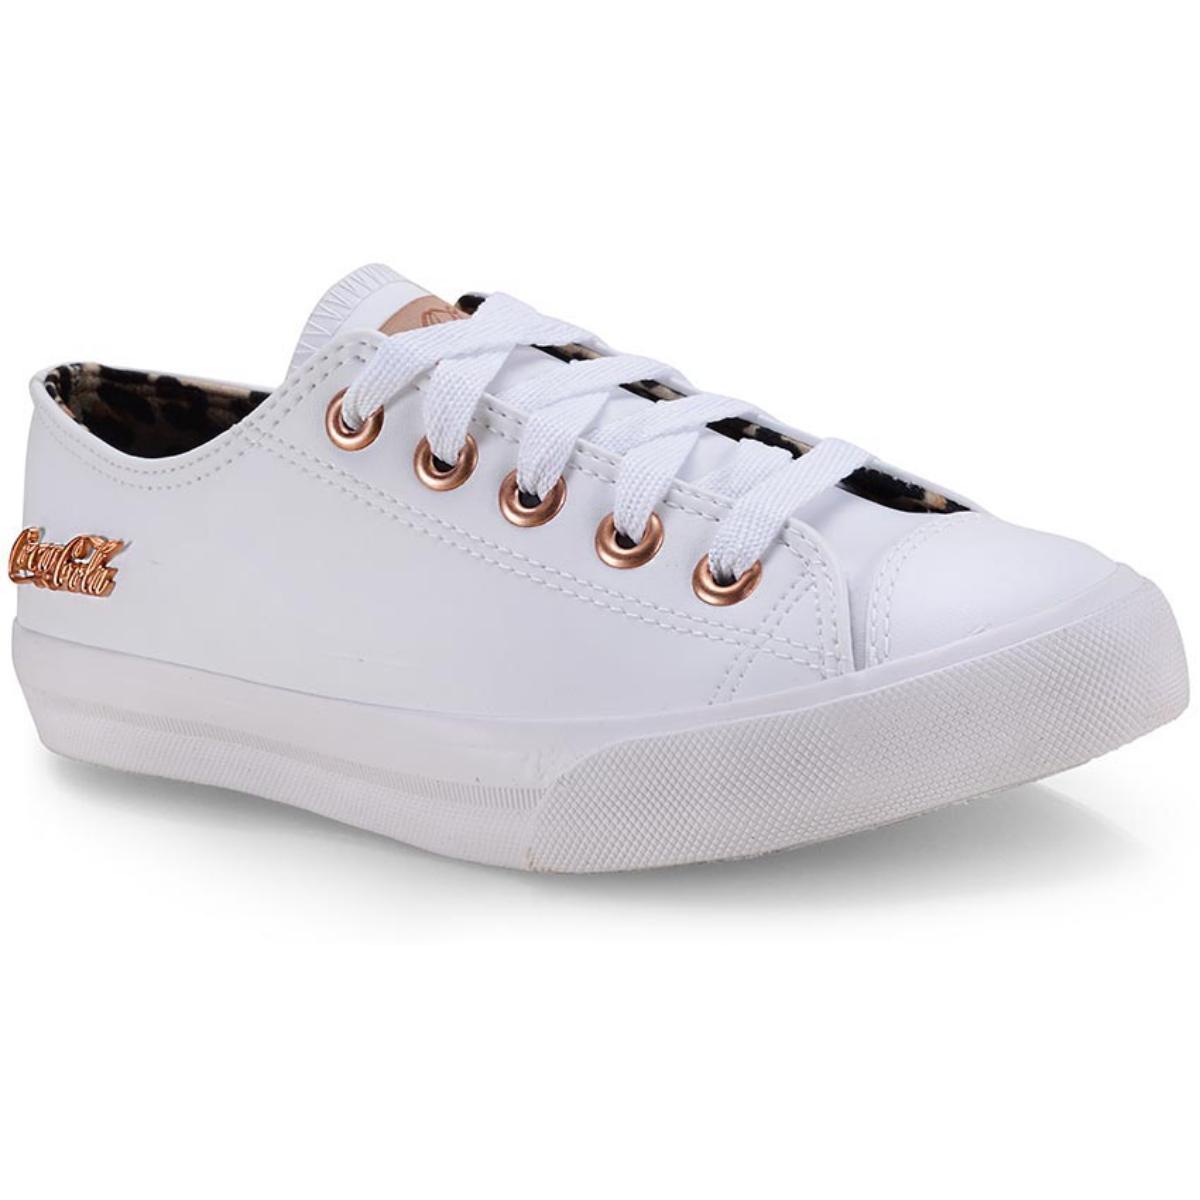 Tênis Feminino Coca-cola Shoes Cc1614 Branco/caramelo